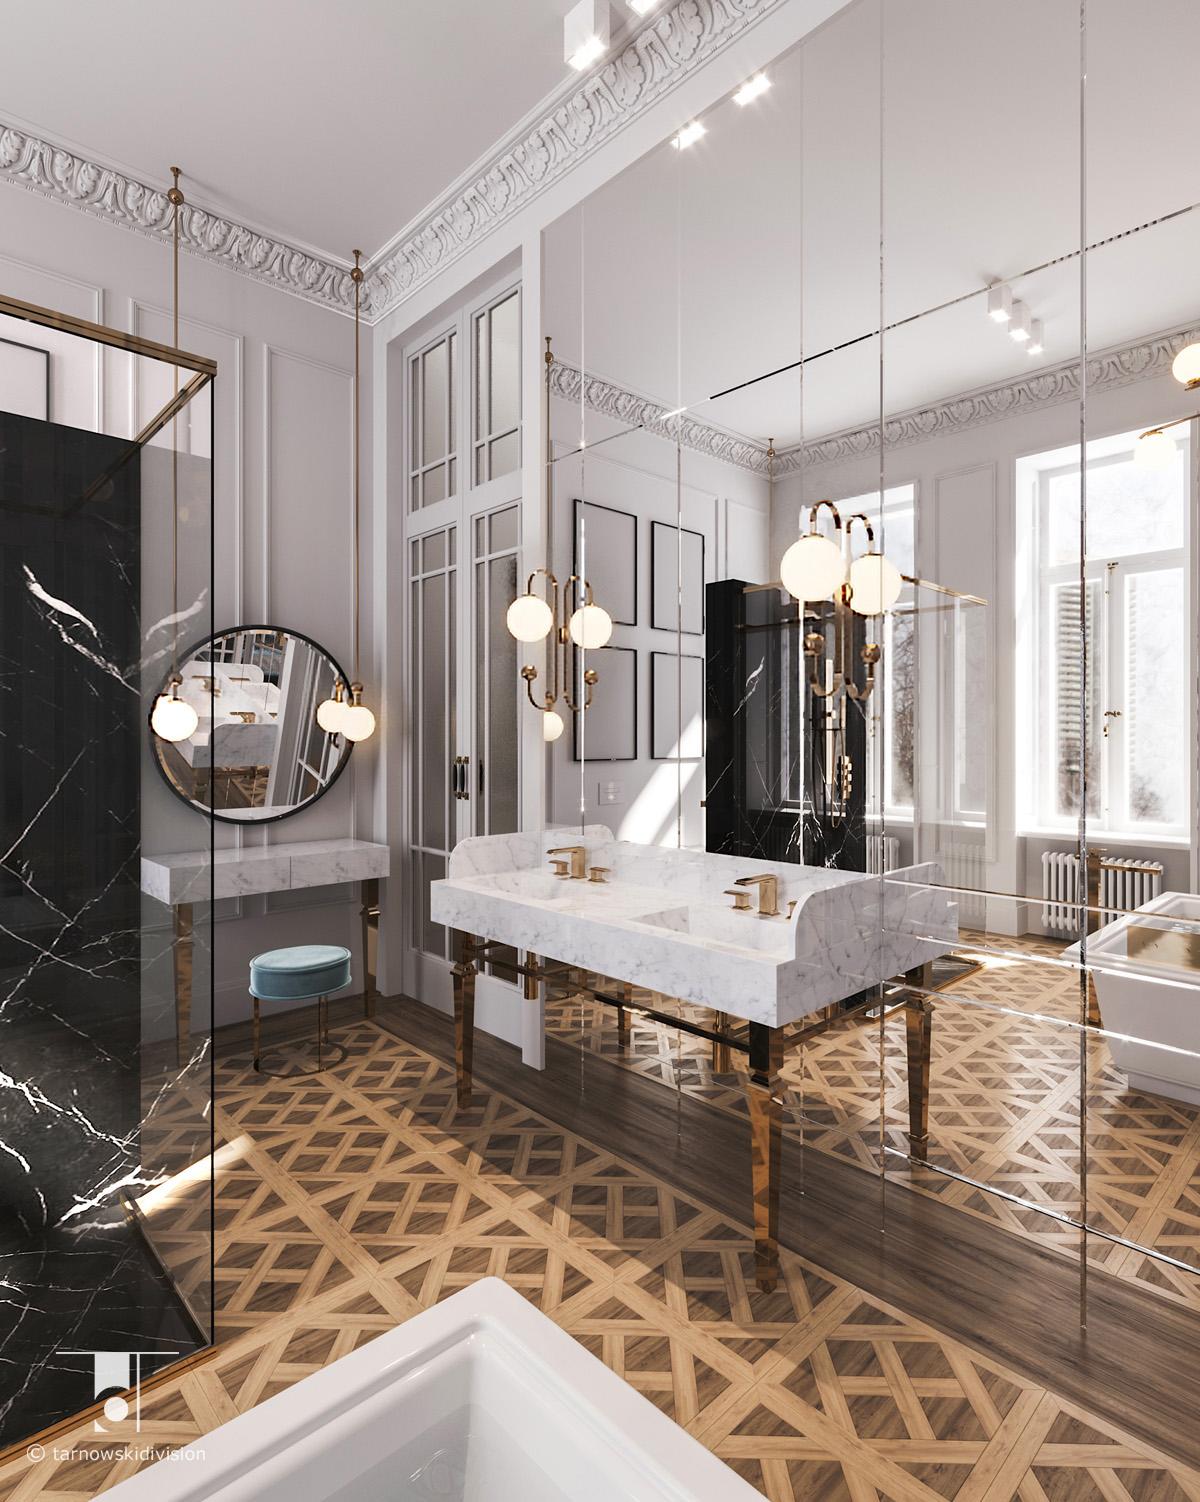 luksusowa łazienka klasyczna elegancki pokój kąpielowy projekt wnętrz łazienki luxury bathroom interior_tarnowski division